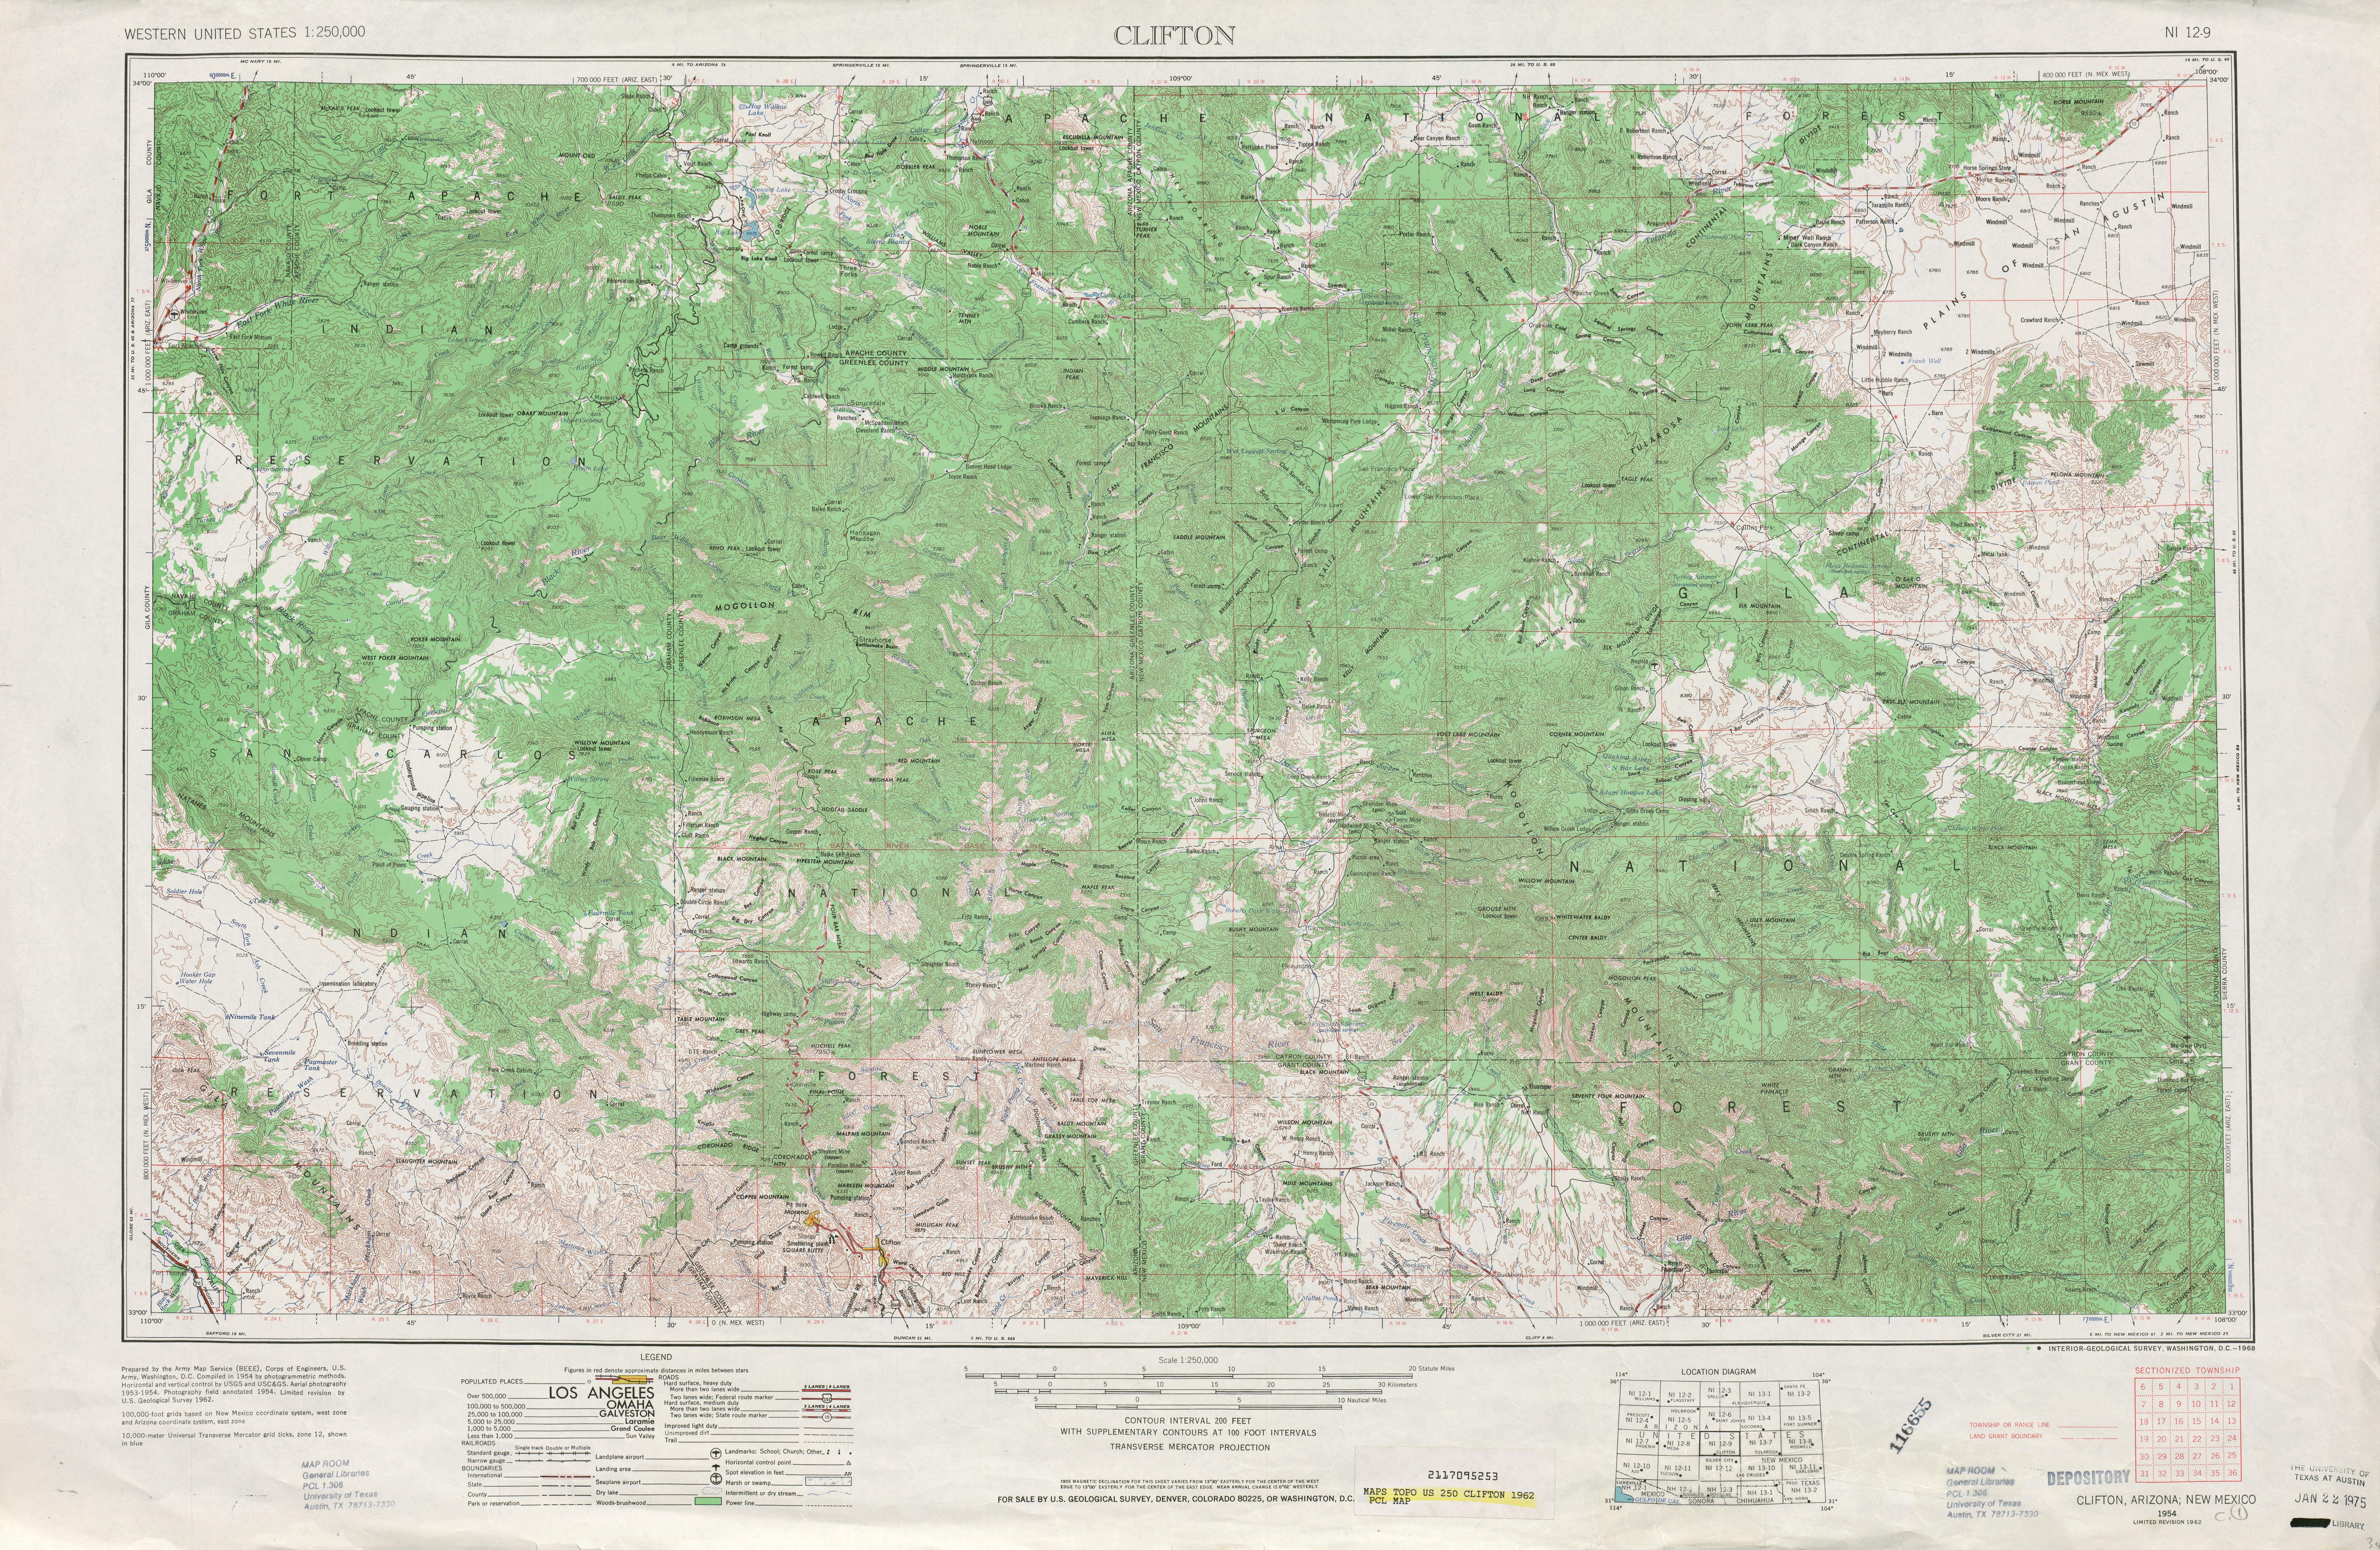 Hoja Clifton del Mapa Topográfico de los Estados Unidos 1962